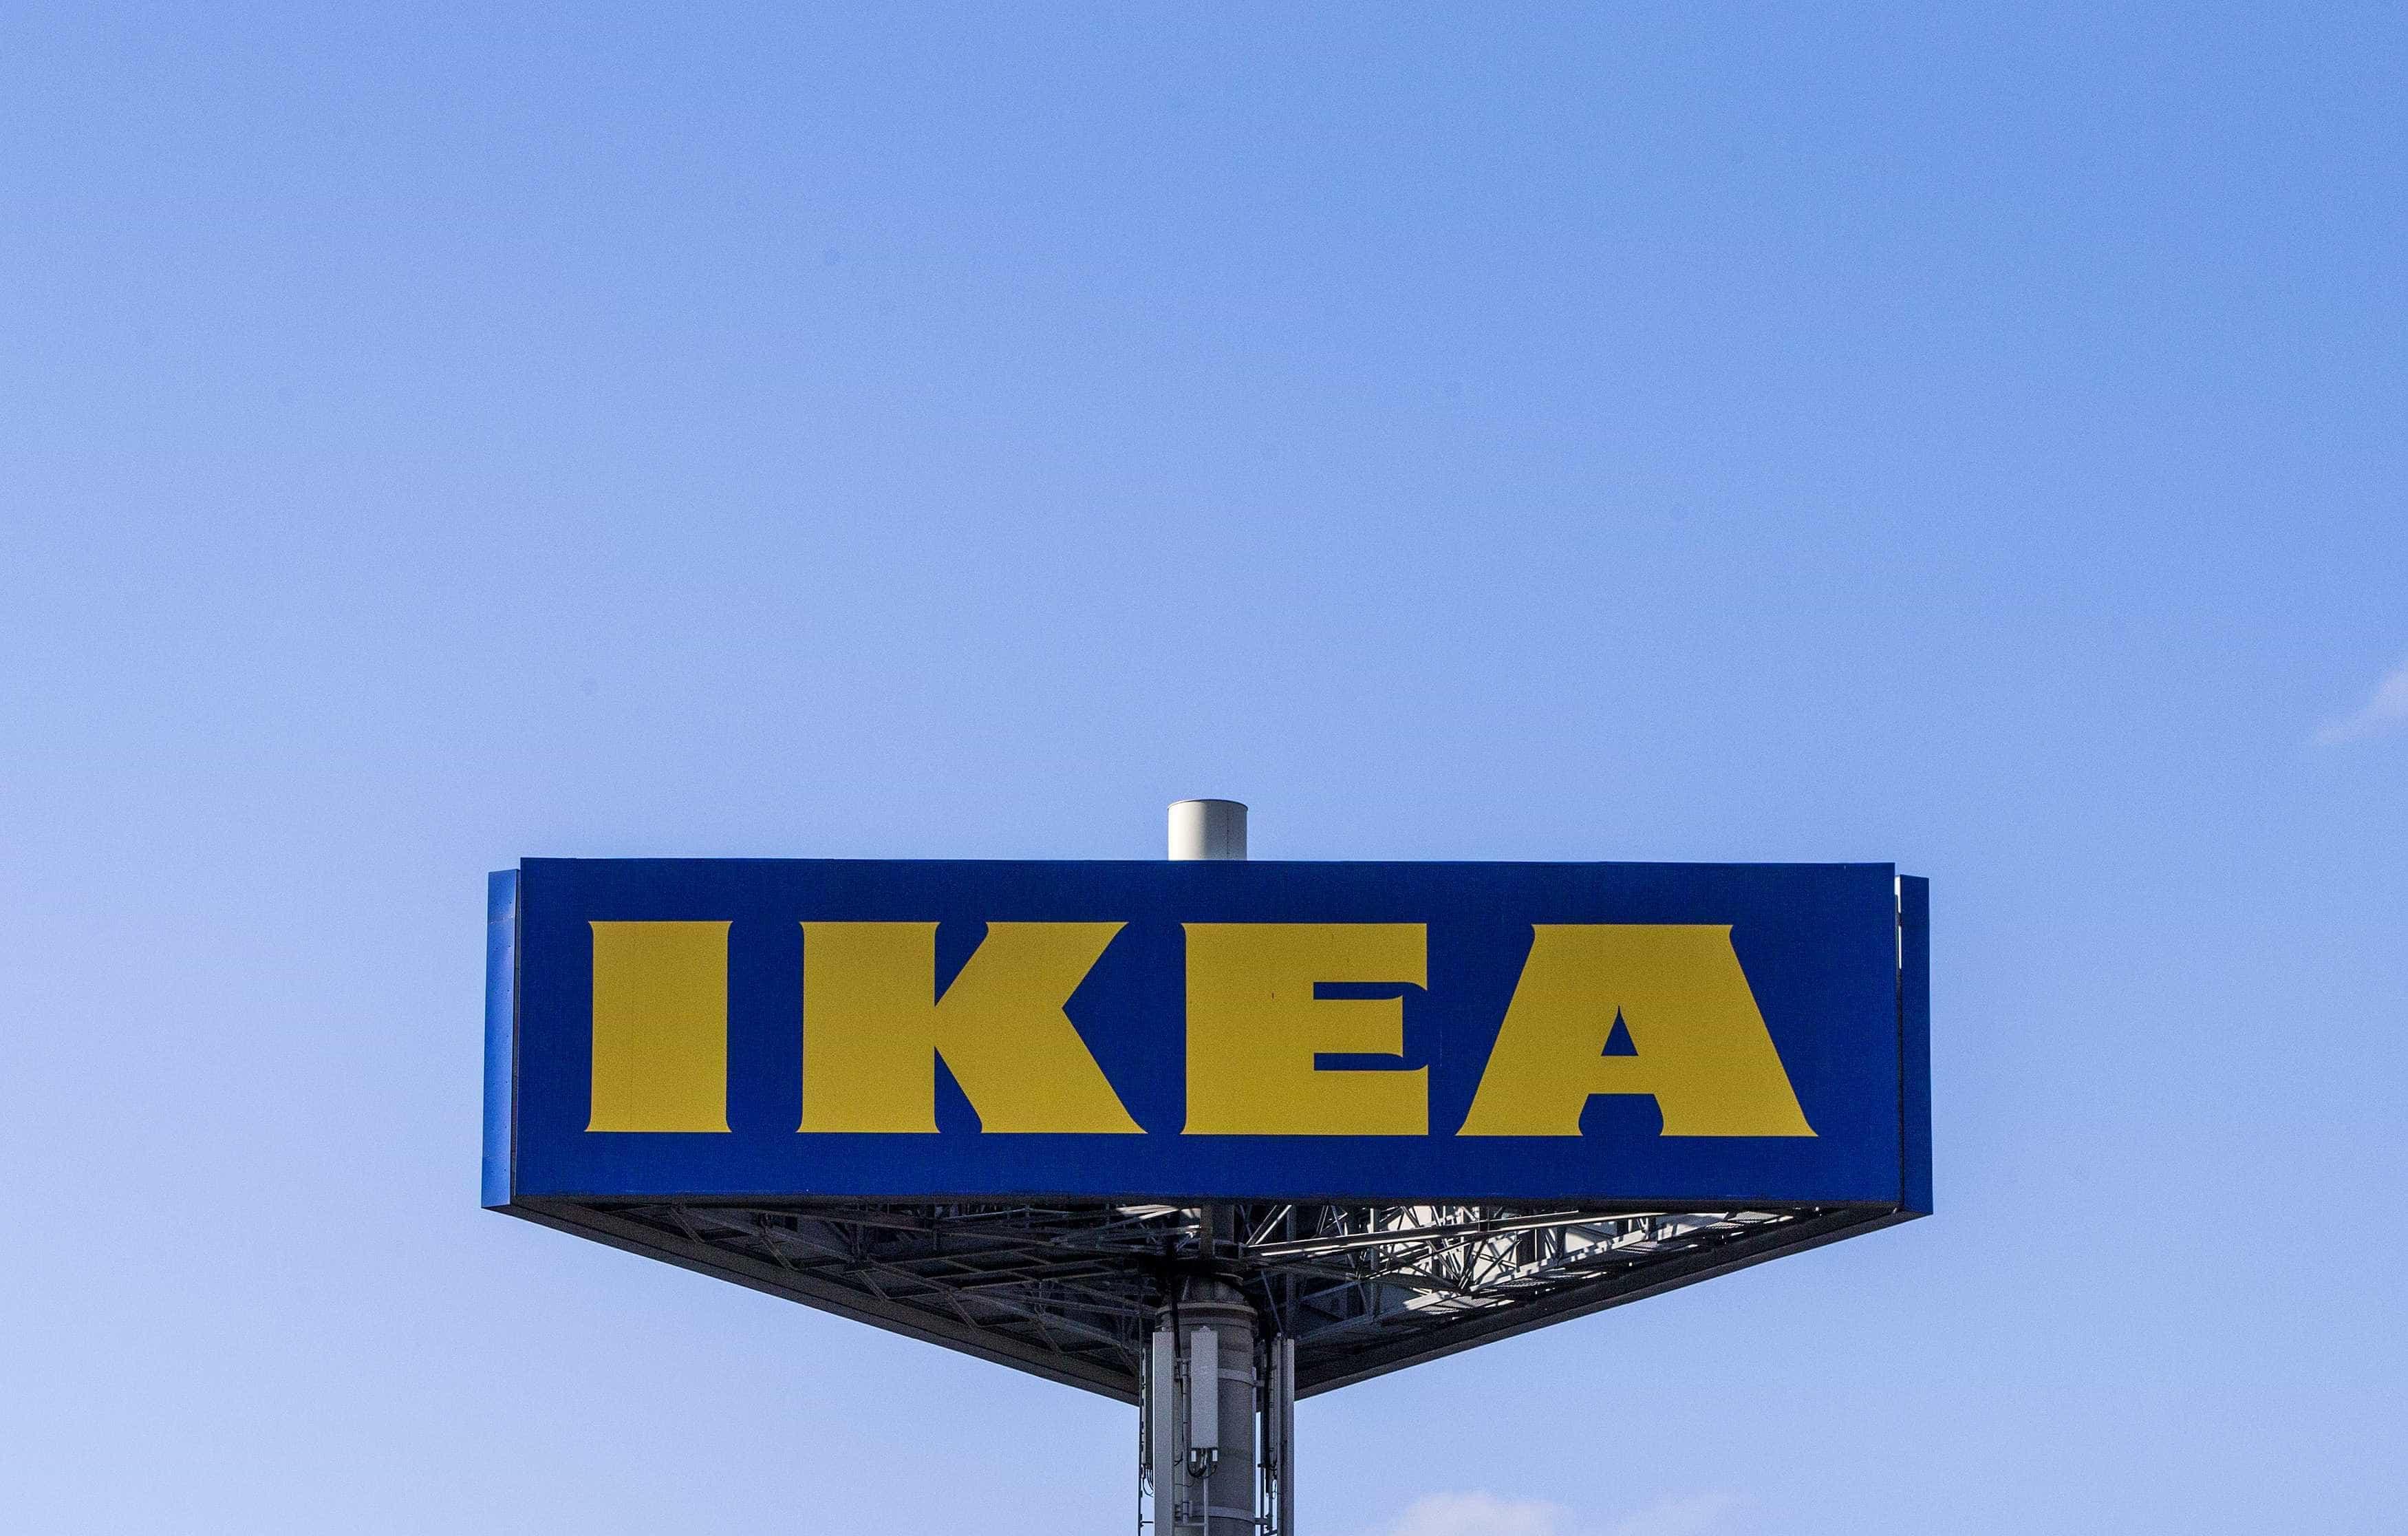 IKEA fecha parceria com CTT para entrega de encomendas até 25 quilos